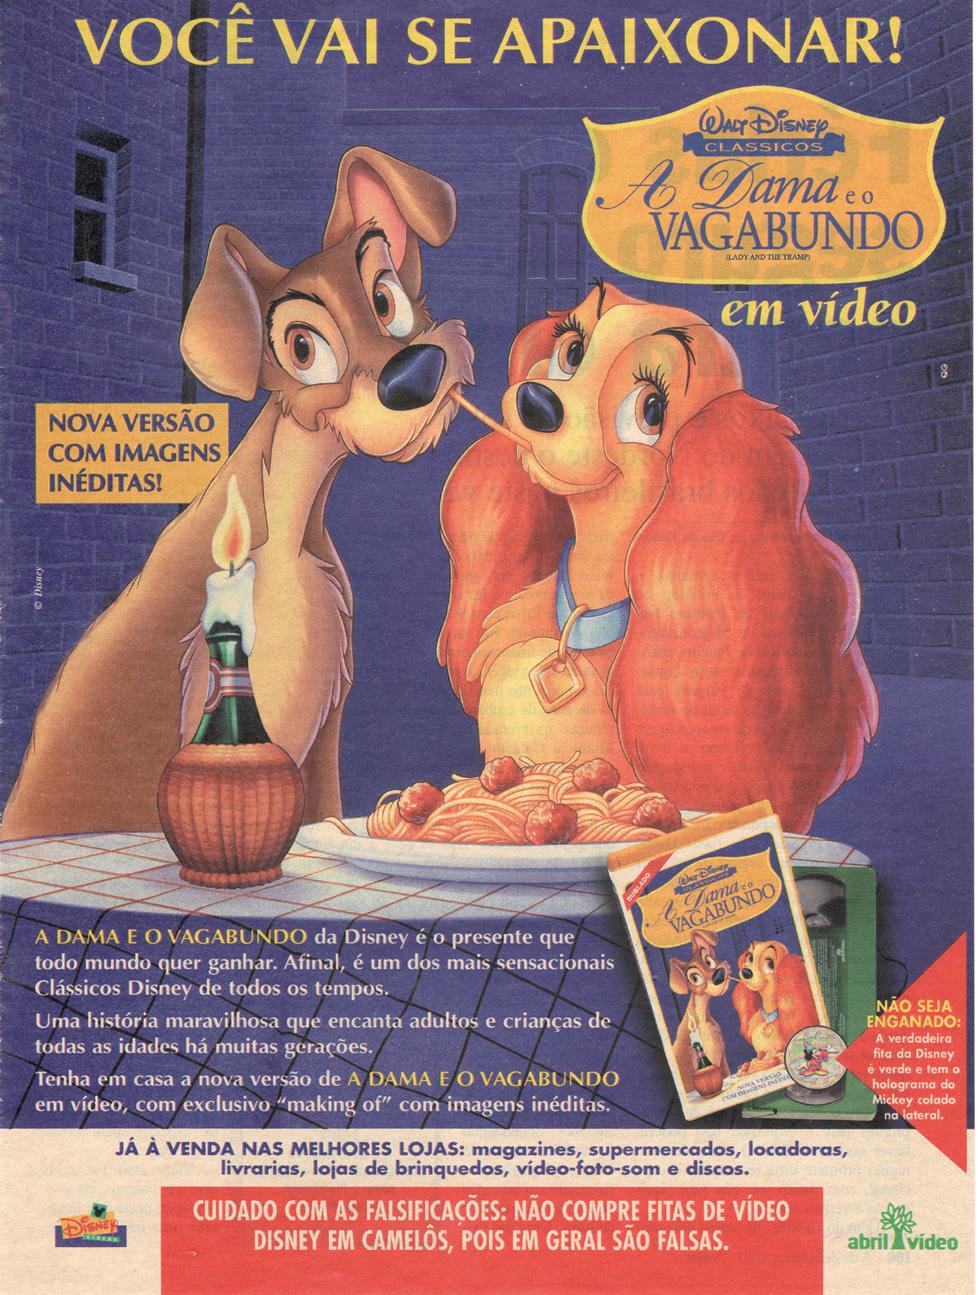 Campanha da Disney promovendo o VHS do filme A Dama e o Vagabundo em 1997